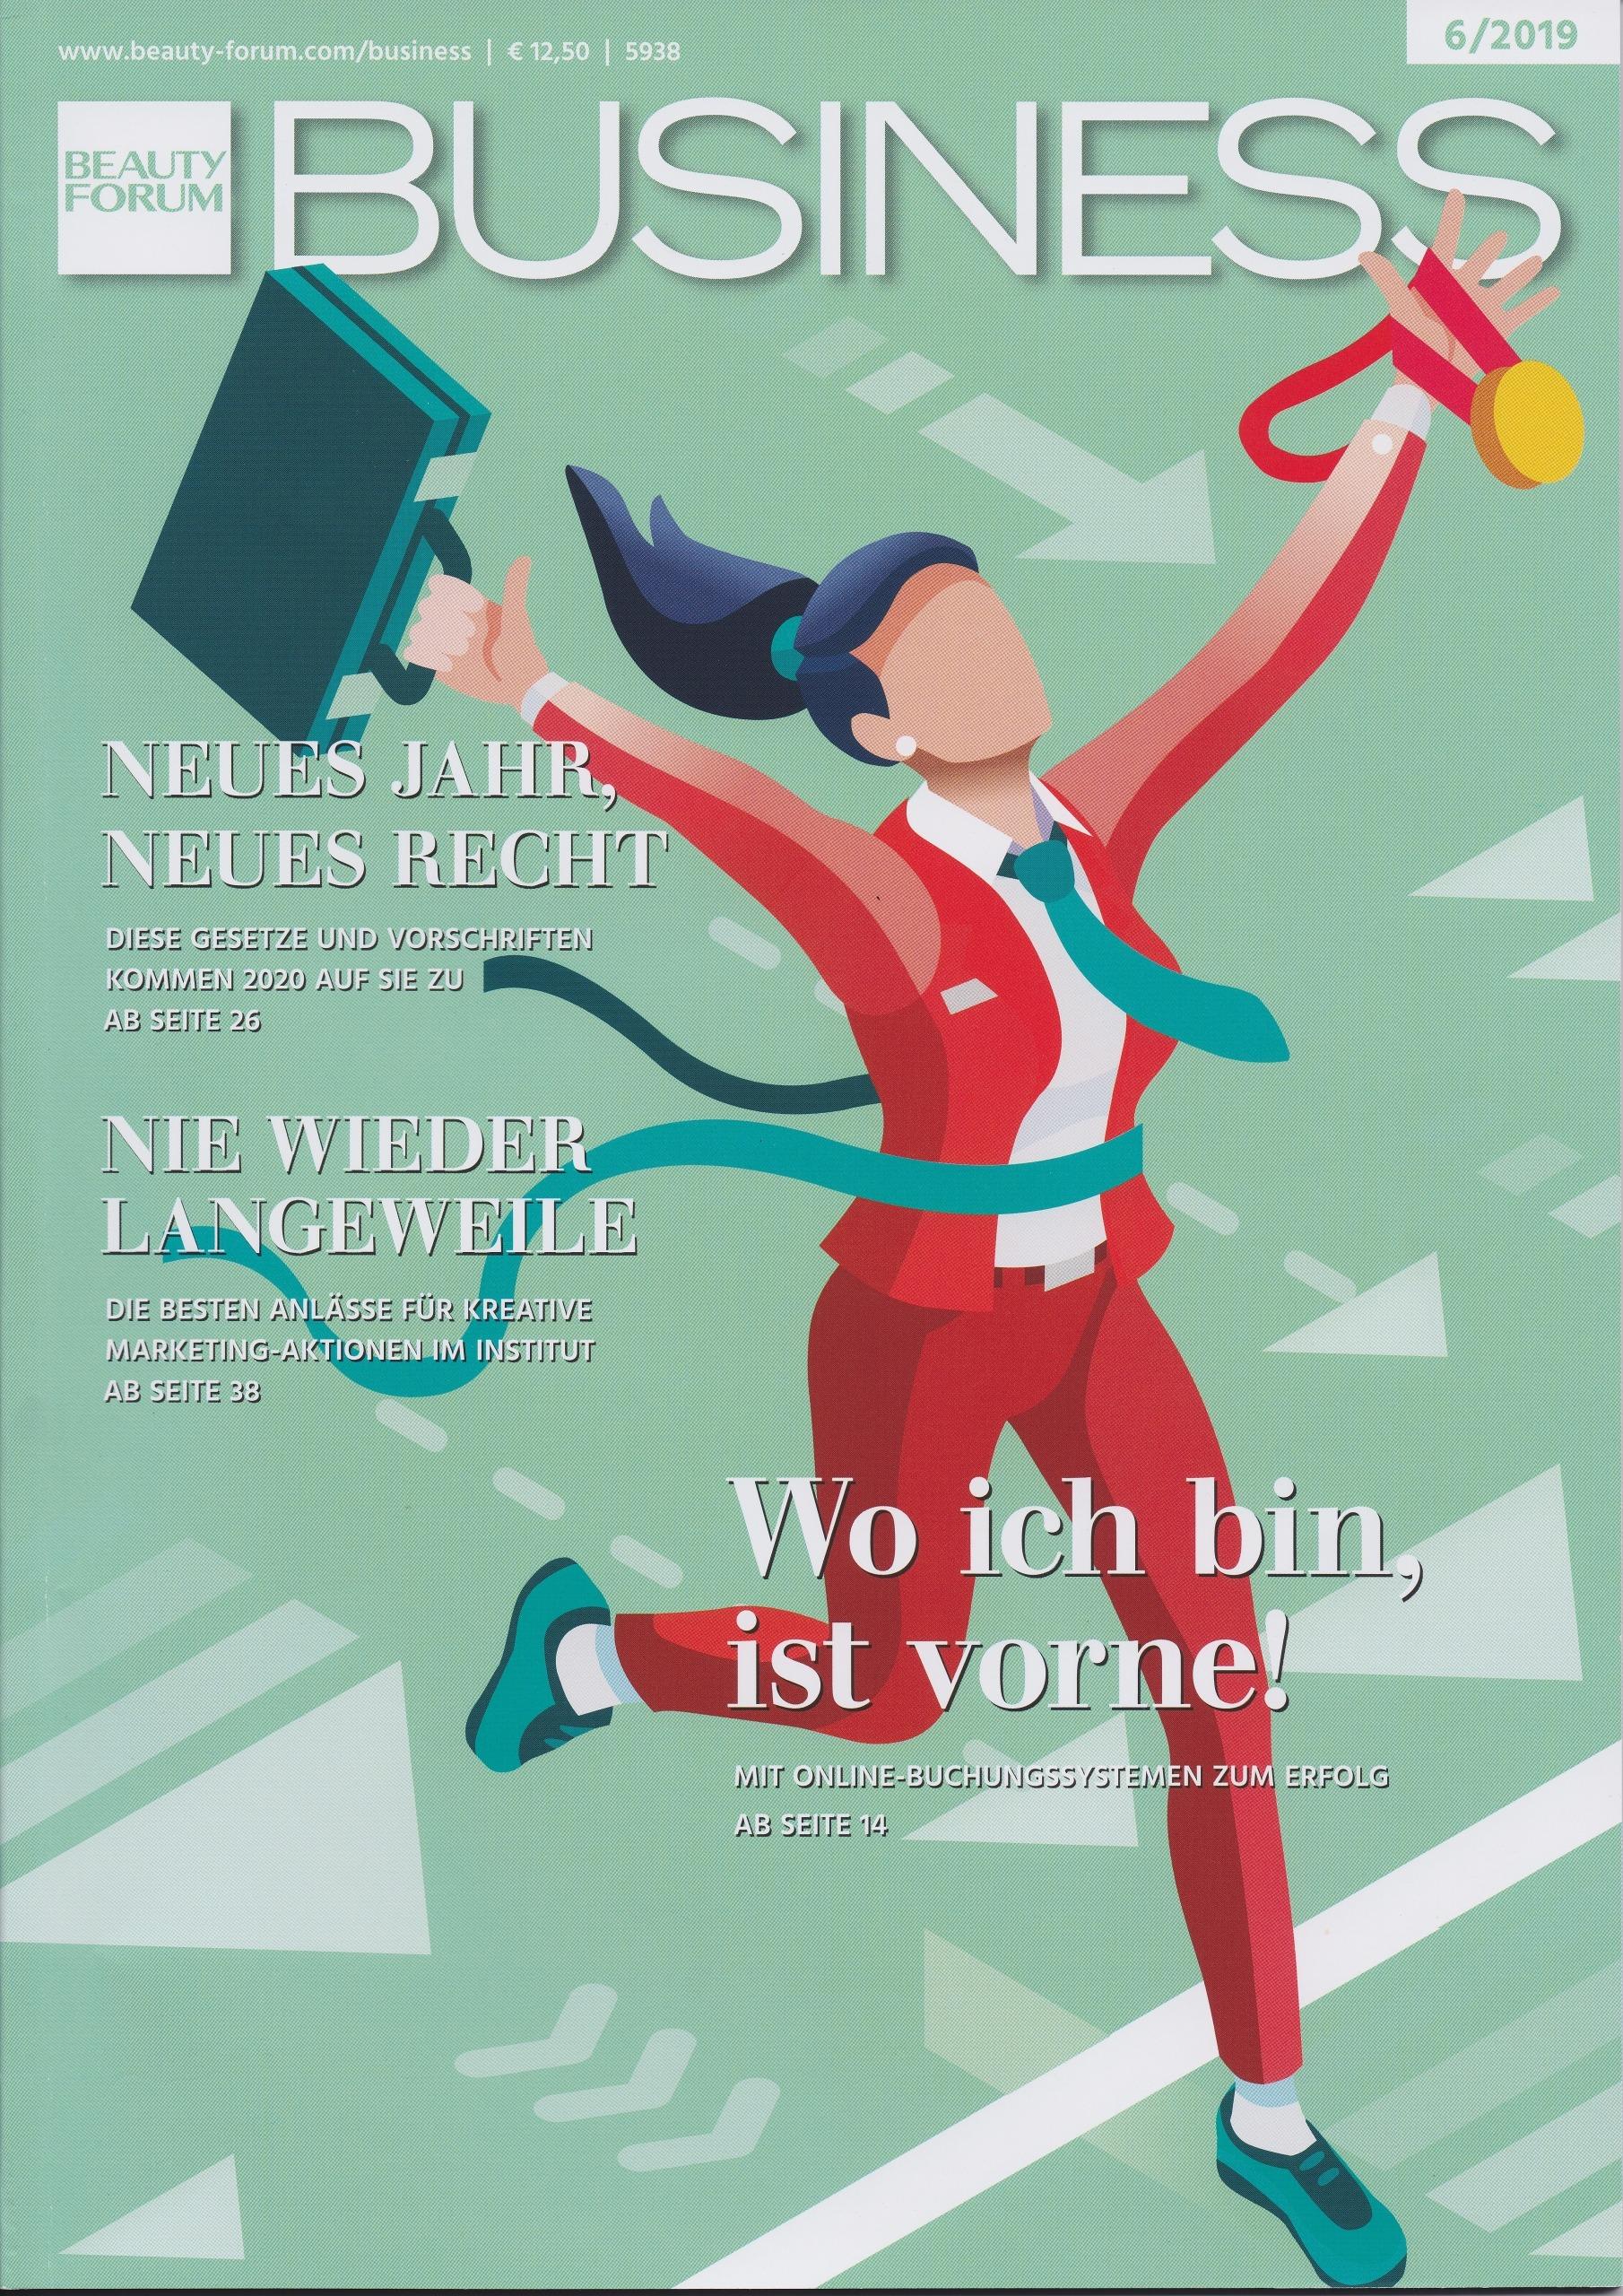 Die profitablste Antwort ist NEIN - Interview mit Roman Kmenta - Beauty Forum Business - 6 2019 Cover